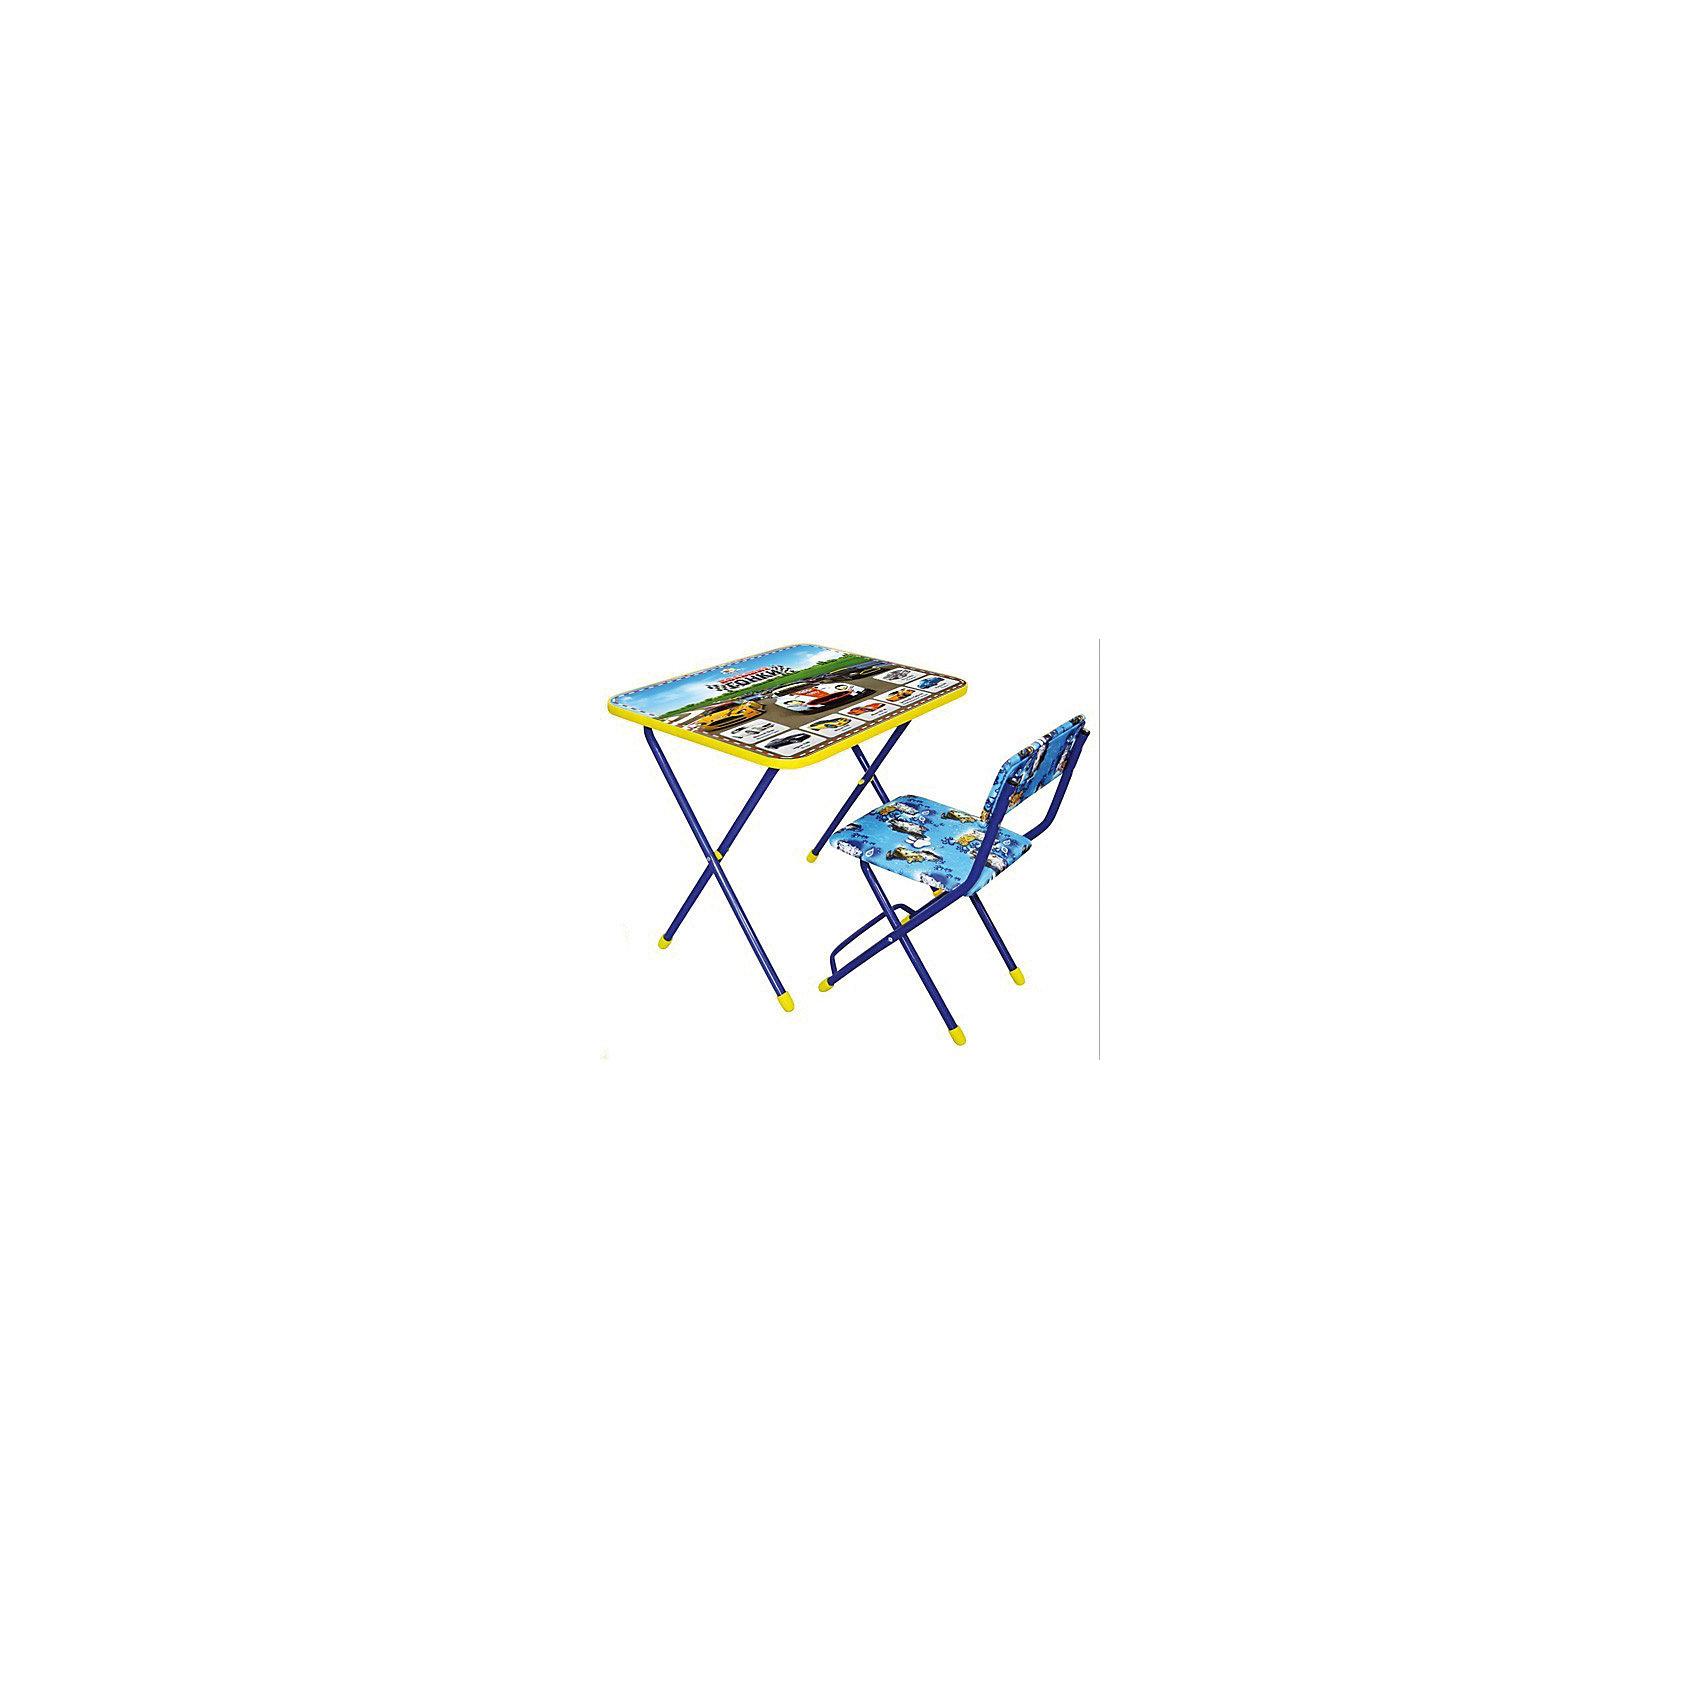 Набор мебели Большие гонкиСтолы и стулья<br>Набор детской мебели Большие гонки состоит из двух предметов: стол-парта и стульчик.  На крышке столика изображены рисунки способствующие развитию ребенка.<br>При необходимости, стол и стул возможно сложить, они очень компактны в собранном виде, это дает возможность использования данного комплекта мебели даже в небольшой комнате. <br><br>Дополнительная информация:<br><br>В комплект входит стол-парта и стул с пластиковым сиденьем.<br>- Металлический каркас.<br>- Столешница облицована пленкой с тематическими рисунками.<br>- На ножках стула установлены пластмассовые наконечники.<br>- Размер столика: 60х45х57 см.<br>- Размер стула: высота до сиденья 34 см, высота со спинкой 59 см.<br>Сиденье: 30х30 см.<br>- Возраст: от 3-х лет<br><br>Набор мебели Большие гонки можно купить в нашем магазине<br><br>Ширина мм: 580<br>Глубина мм: 120<br>Высота мм: 450<br>Вес г: 7450<br>Возраст от месяцев: 36<br>Возраст до месяцев: 108<br>Пол: Унисекс<br>Возраст: Детский<br>SKU: 4718362